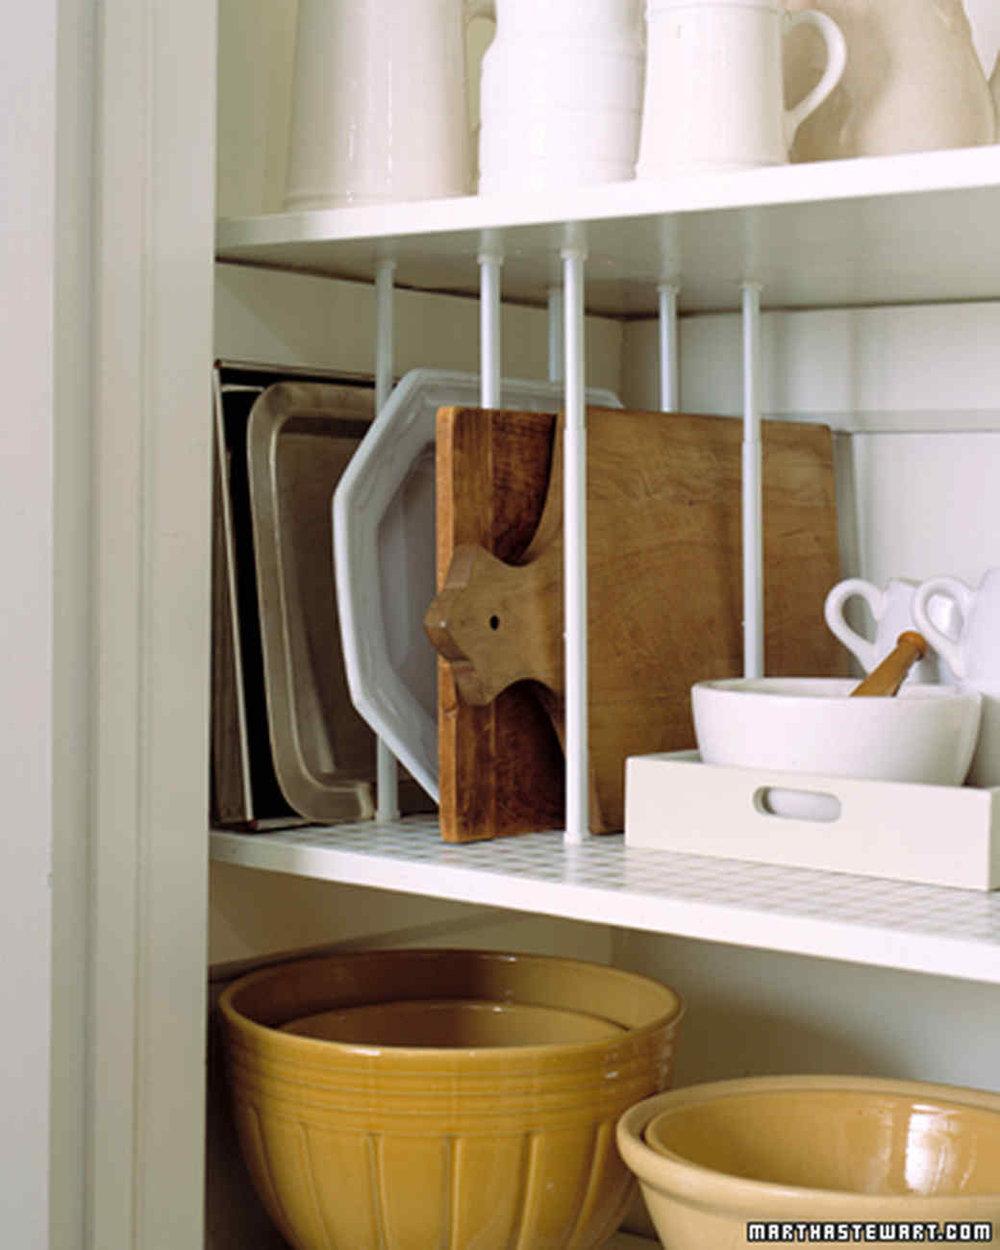 установите раздвижные штанги и храните плоские предметы вертикально, так они займут меньше места  источник